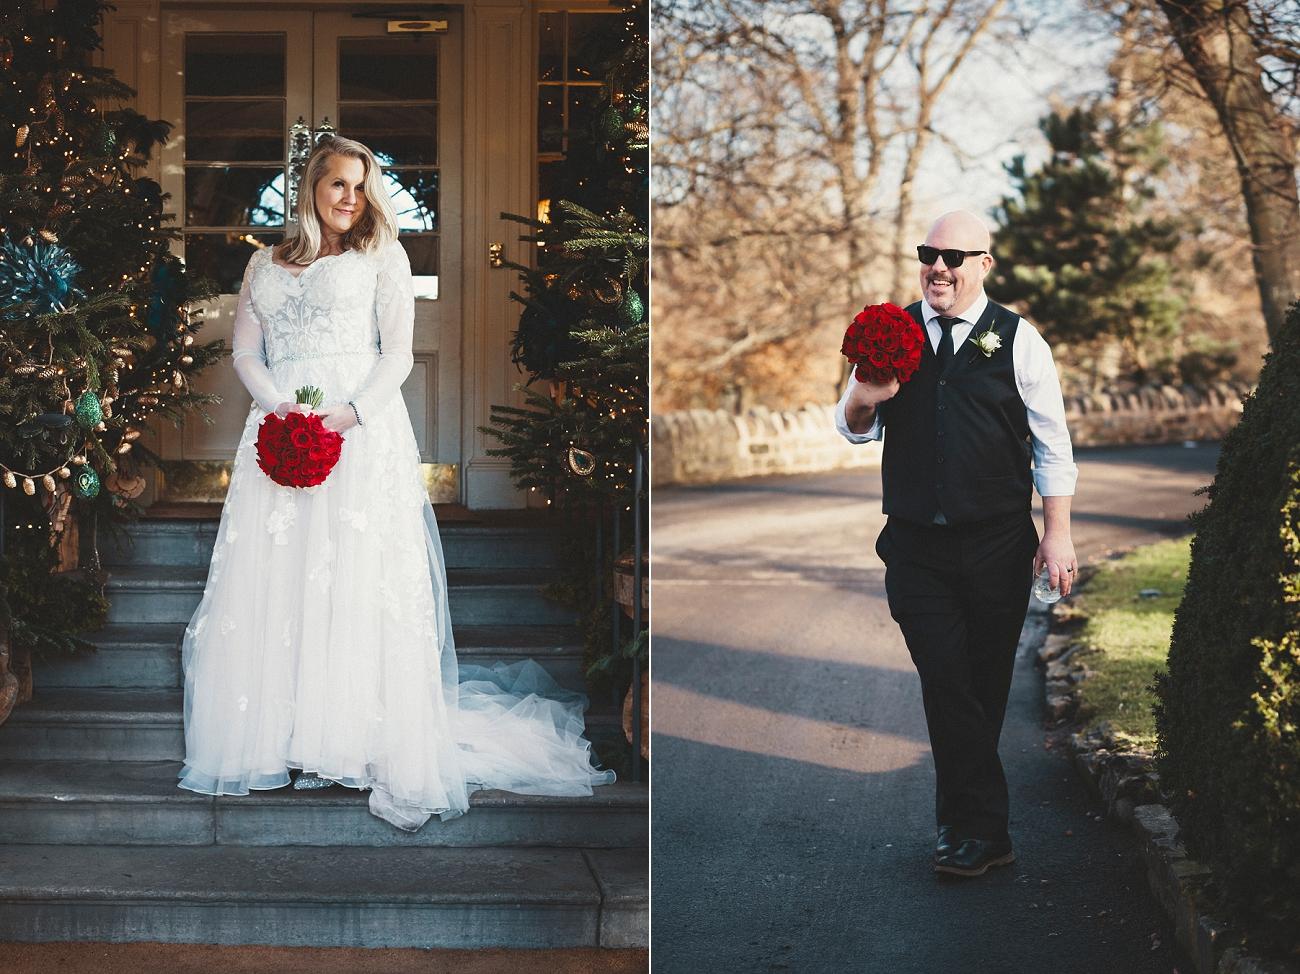 edinburgh elopement wedding, scotland. Prestonfield House